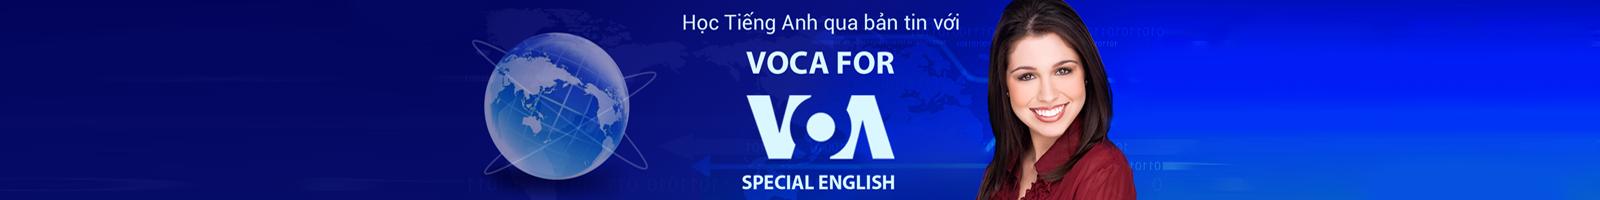 VOCA for VOA Special English